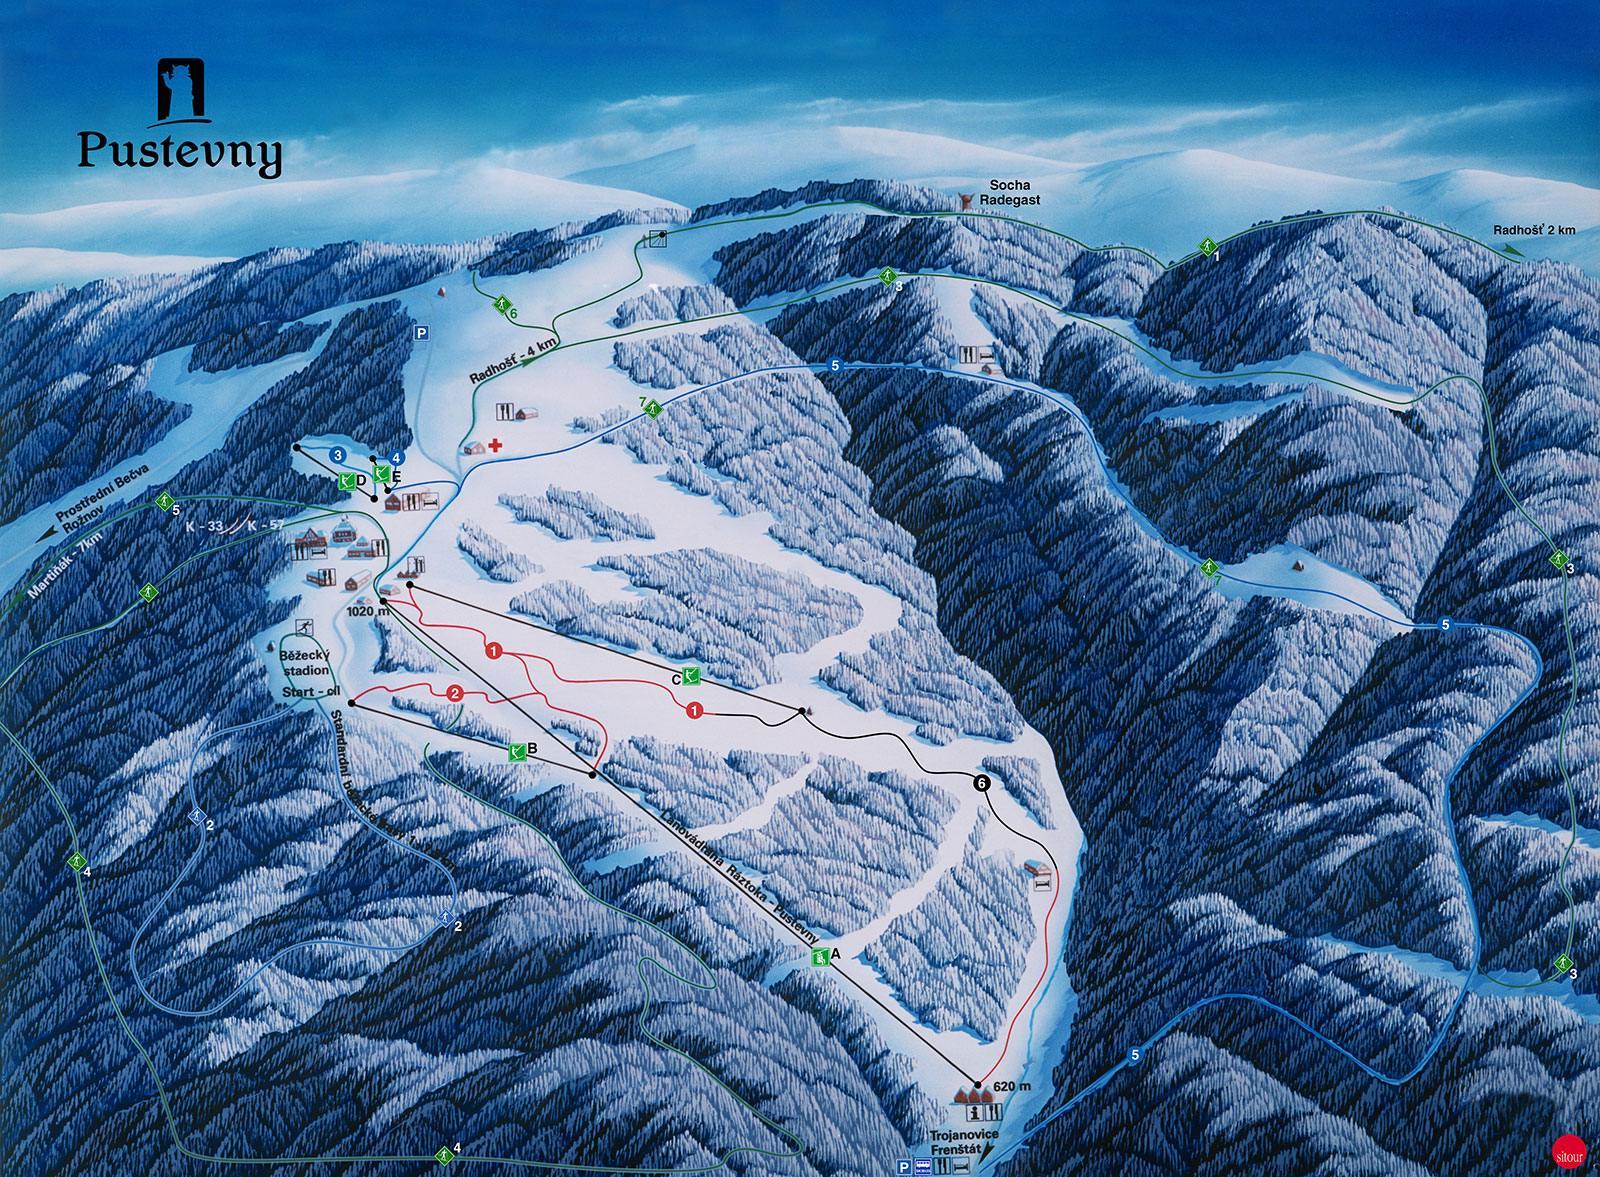 Ski areál Pustevny